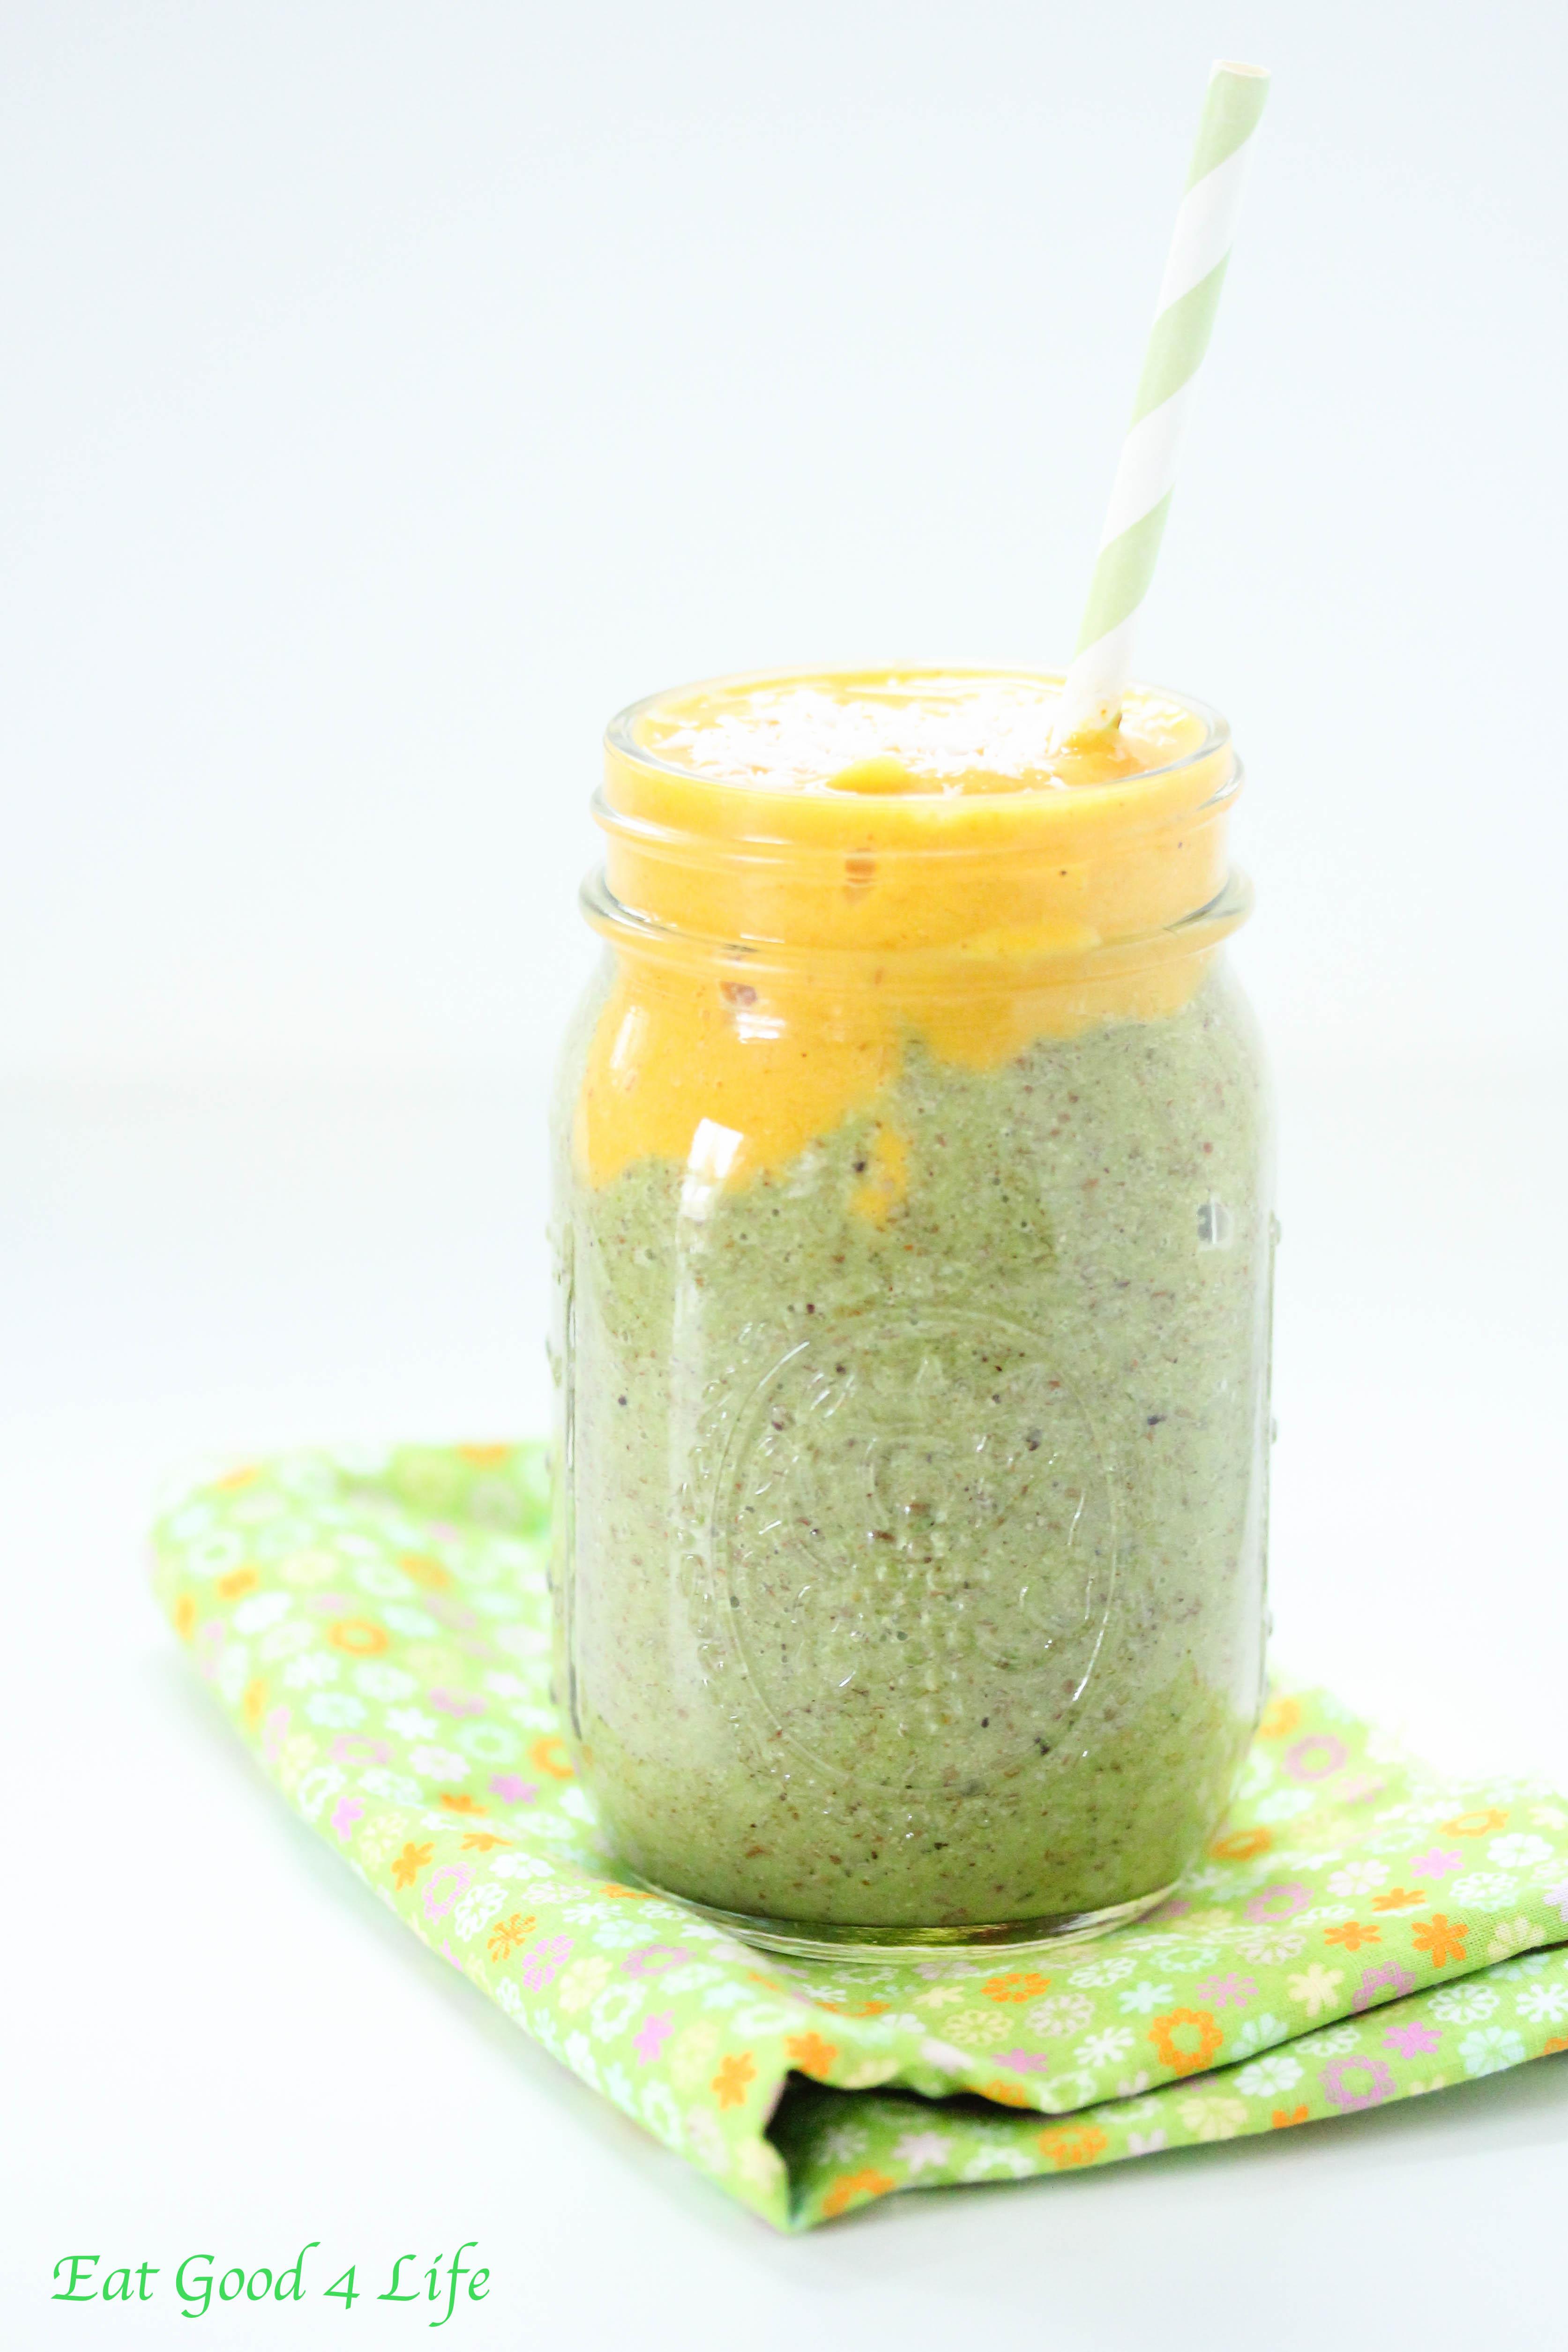 silk-kiwi-mango-antioxidant-smoothie.jpg